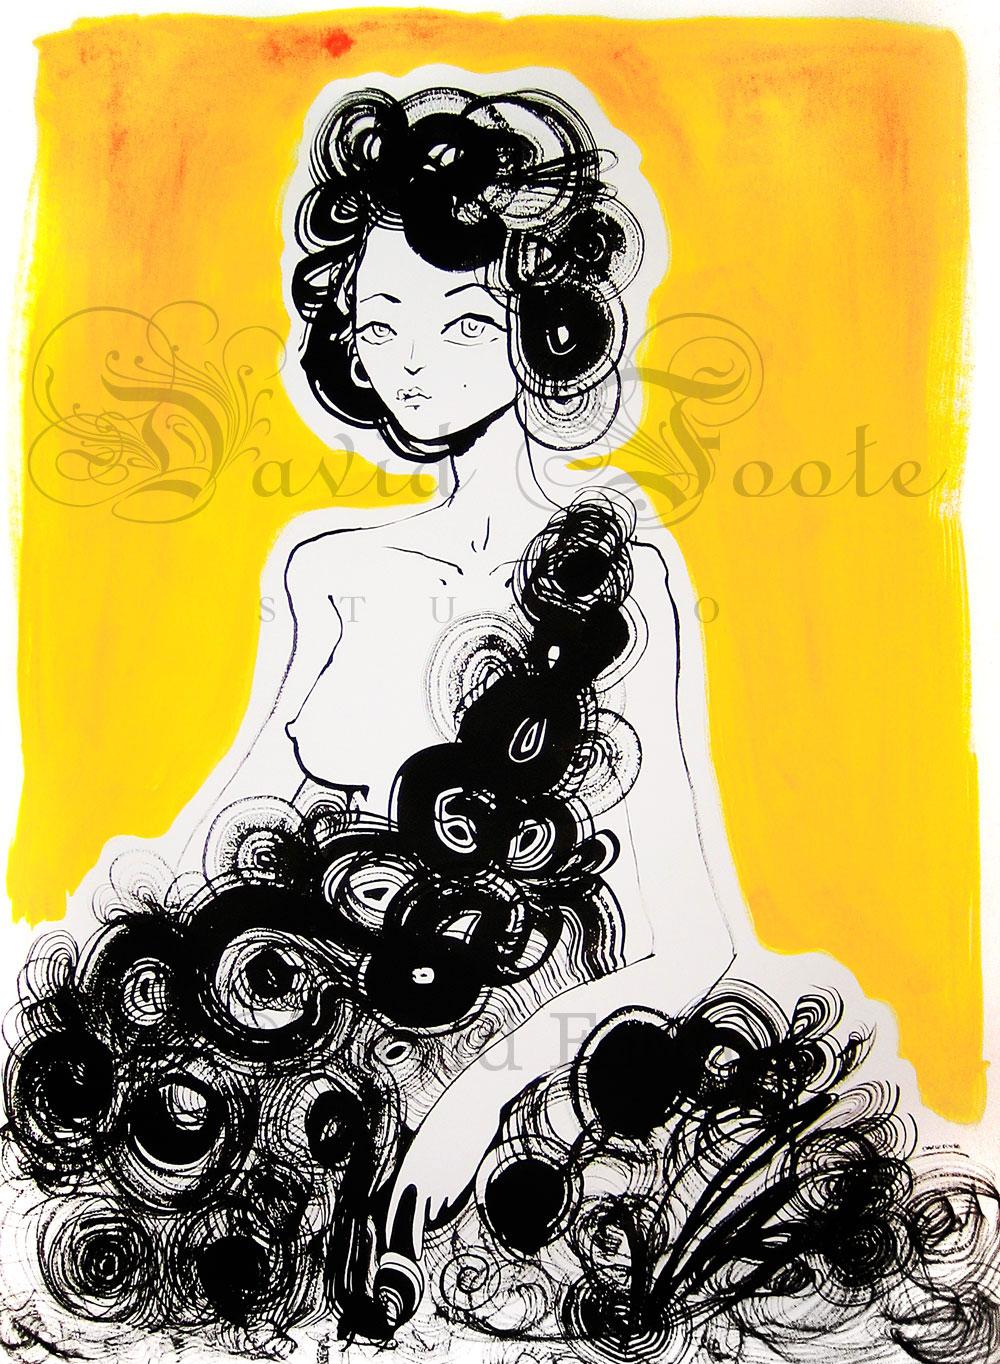 woman-in-spirals.jpg